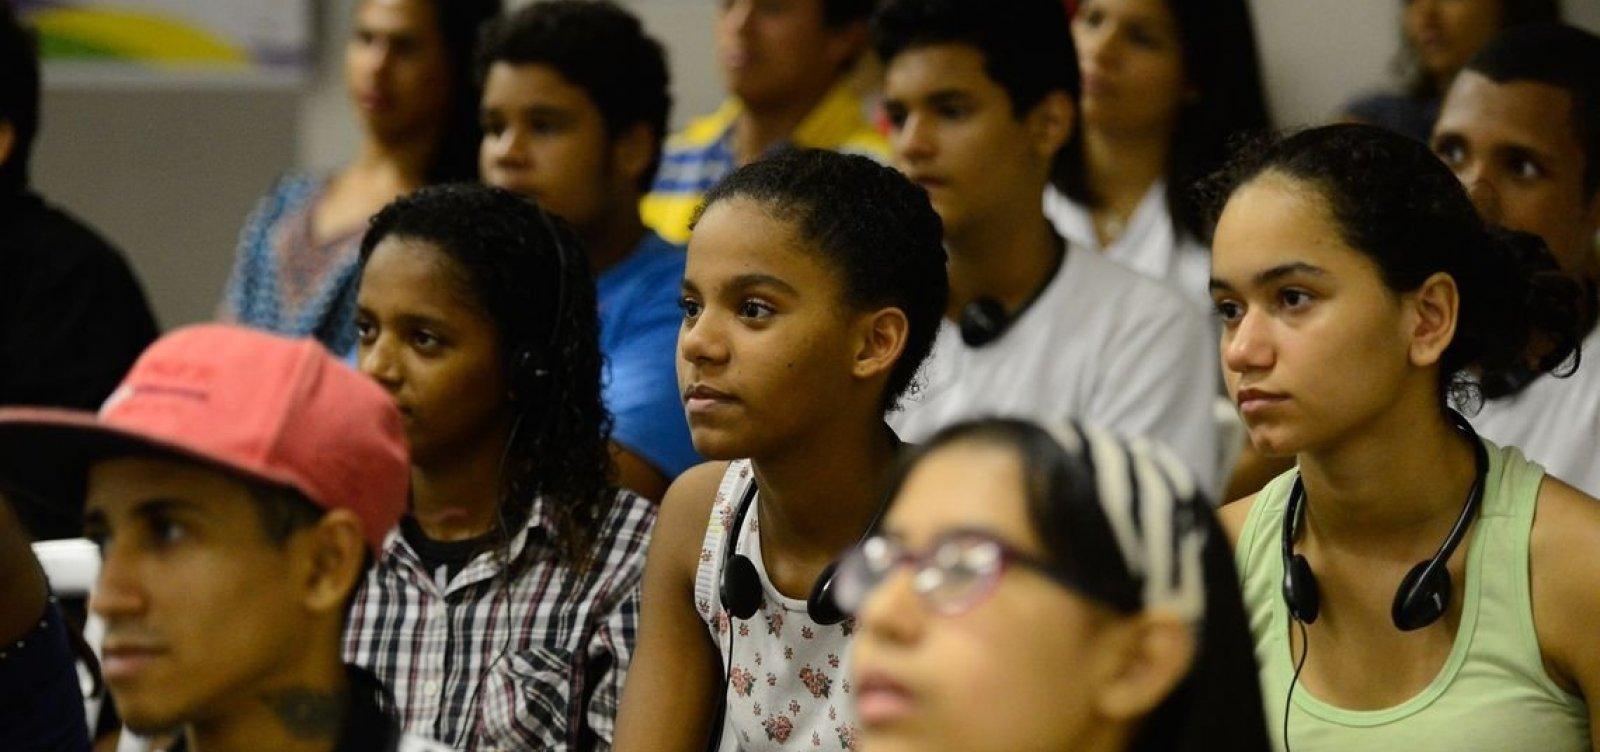 [Proporção de jovens 'nem-nem' cresce pelo 3º ano seguido na Bahia e chega a quase 30%]